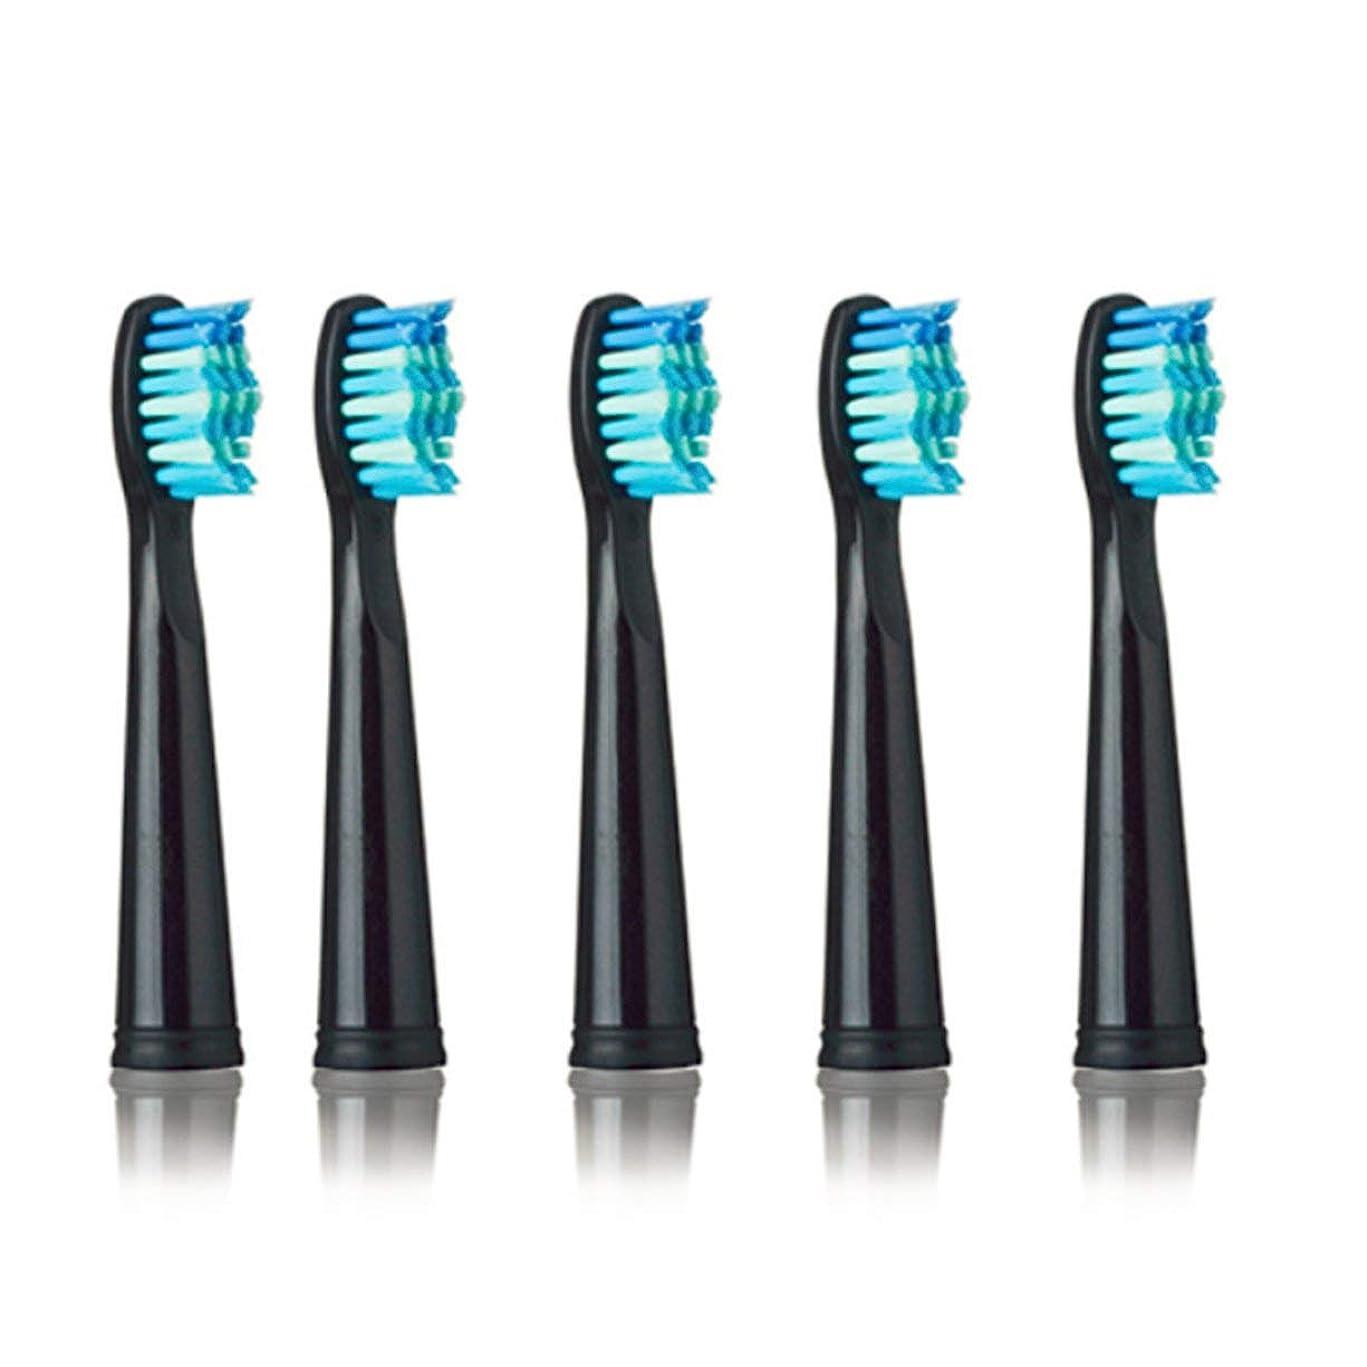 唯一見捨てられたスラックSEAGO 949/507/610/659用電動歯ブラシヘッド抗菌自動歯ブラシヘッド電動歯ブラシ - ブラック